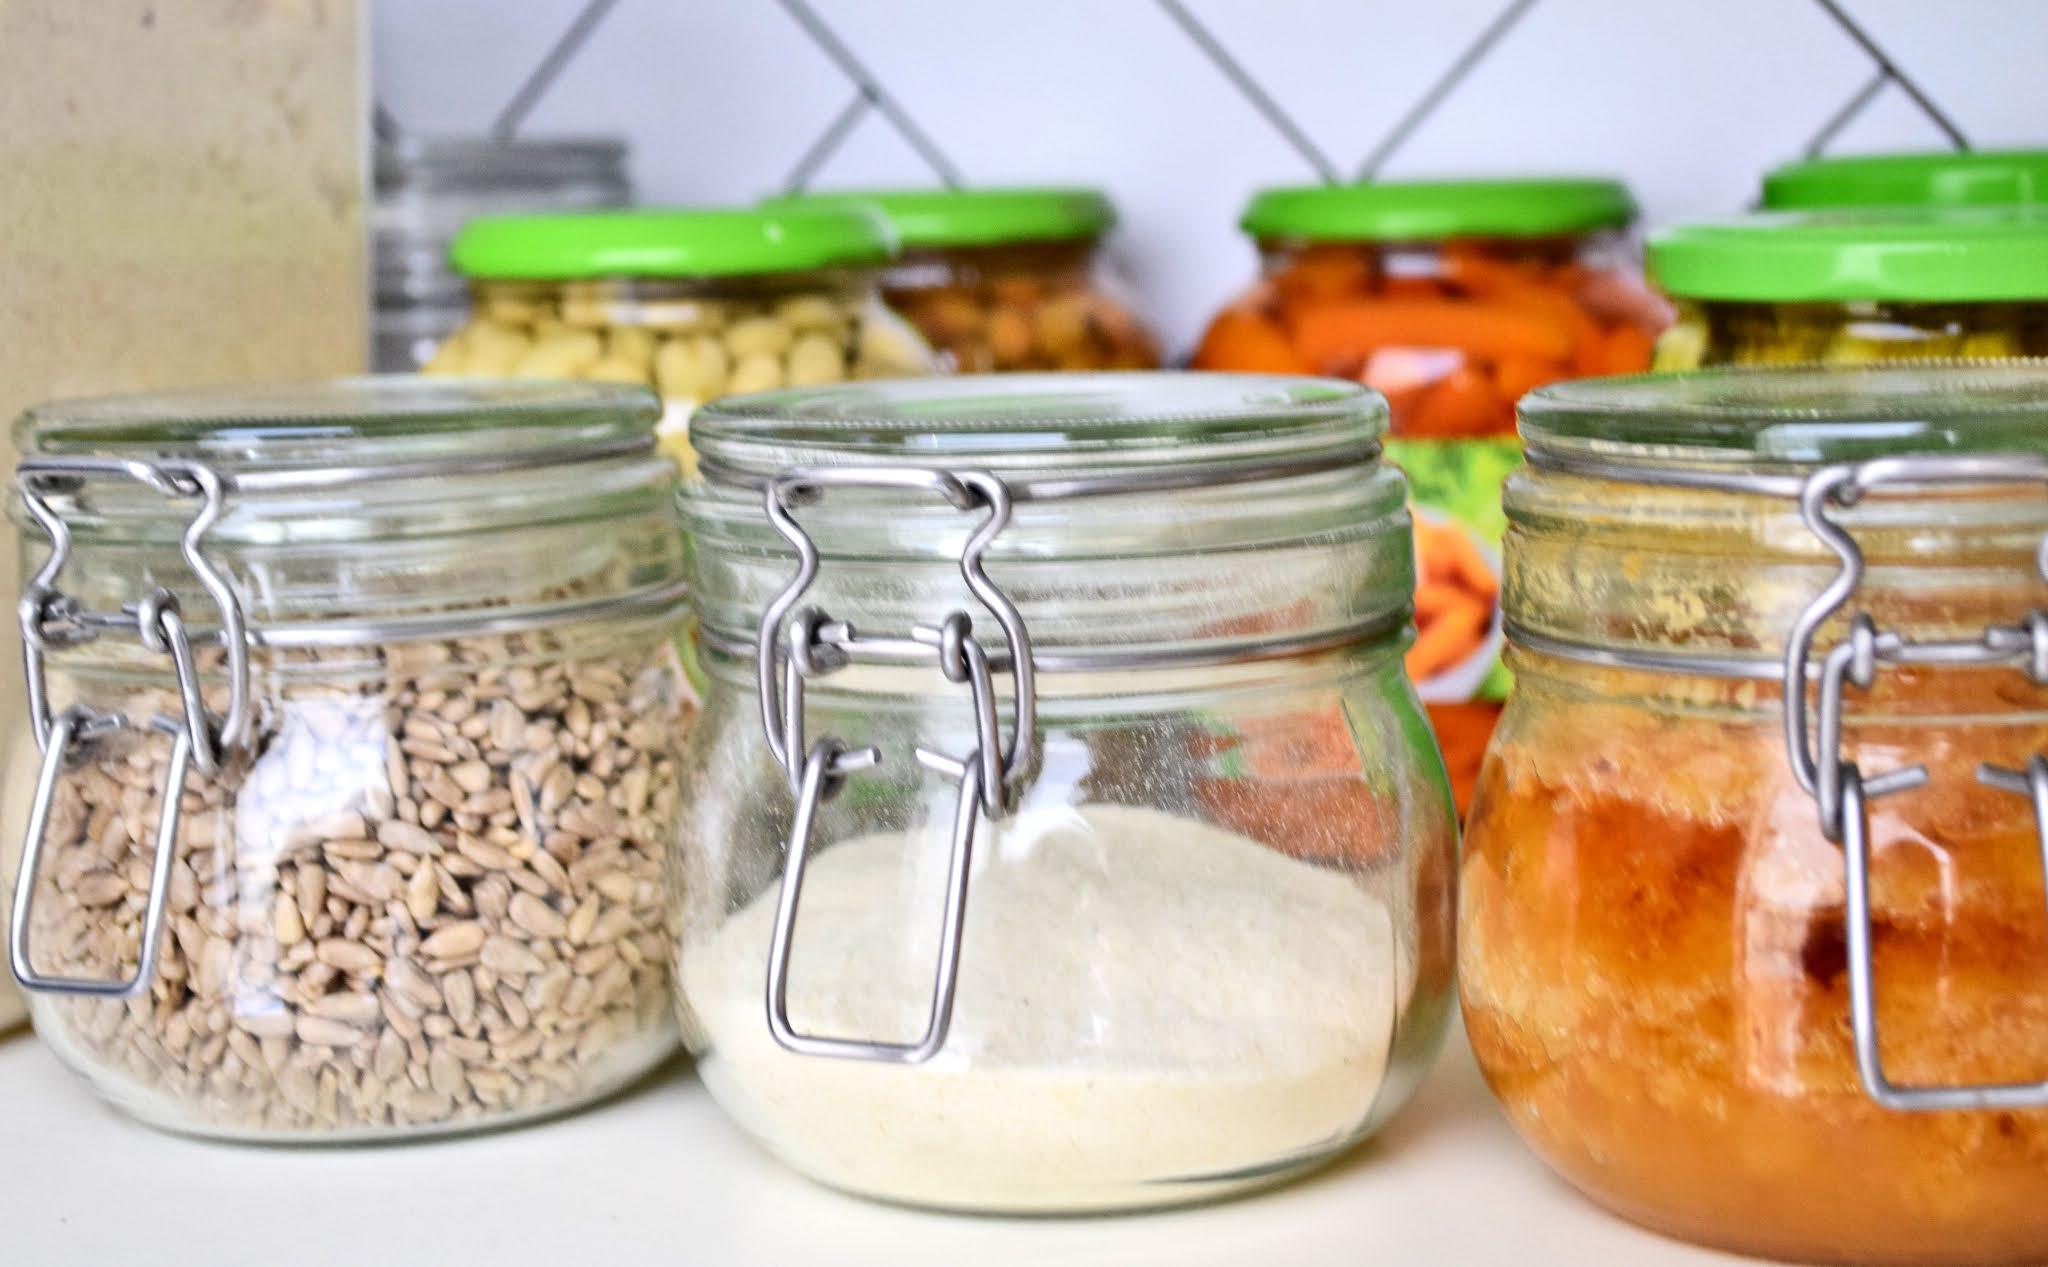 szklane sloiki na żywność